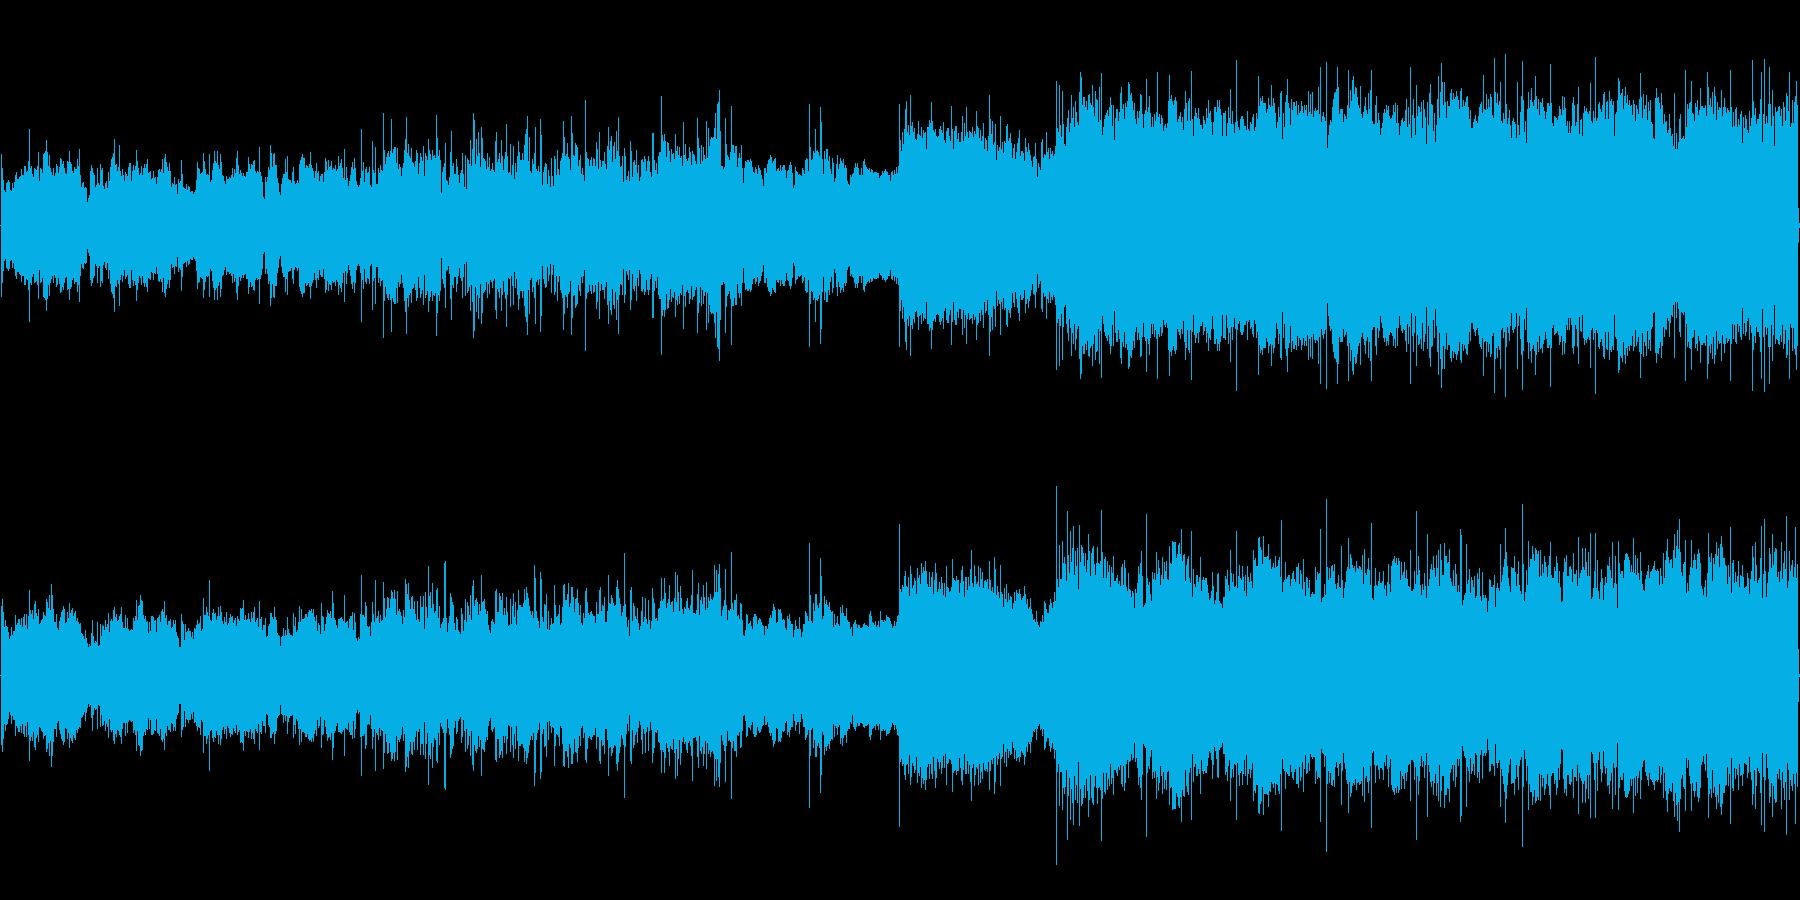 シネマティックで堂々としたロックの再生済みの波形